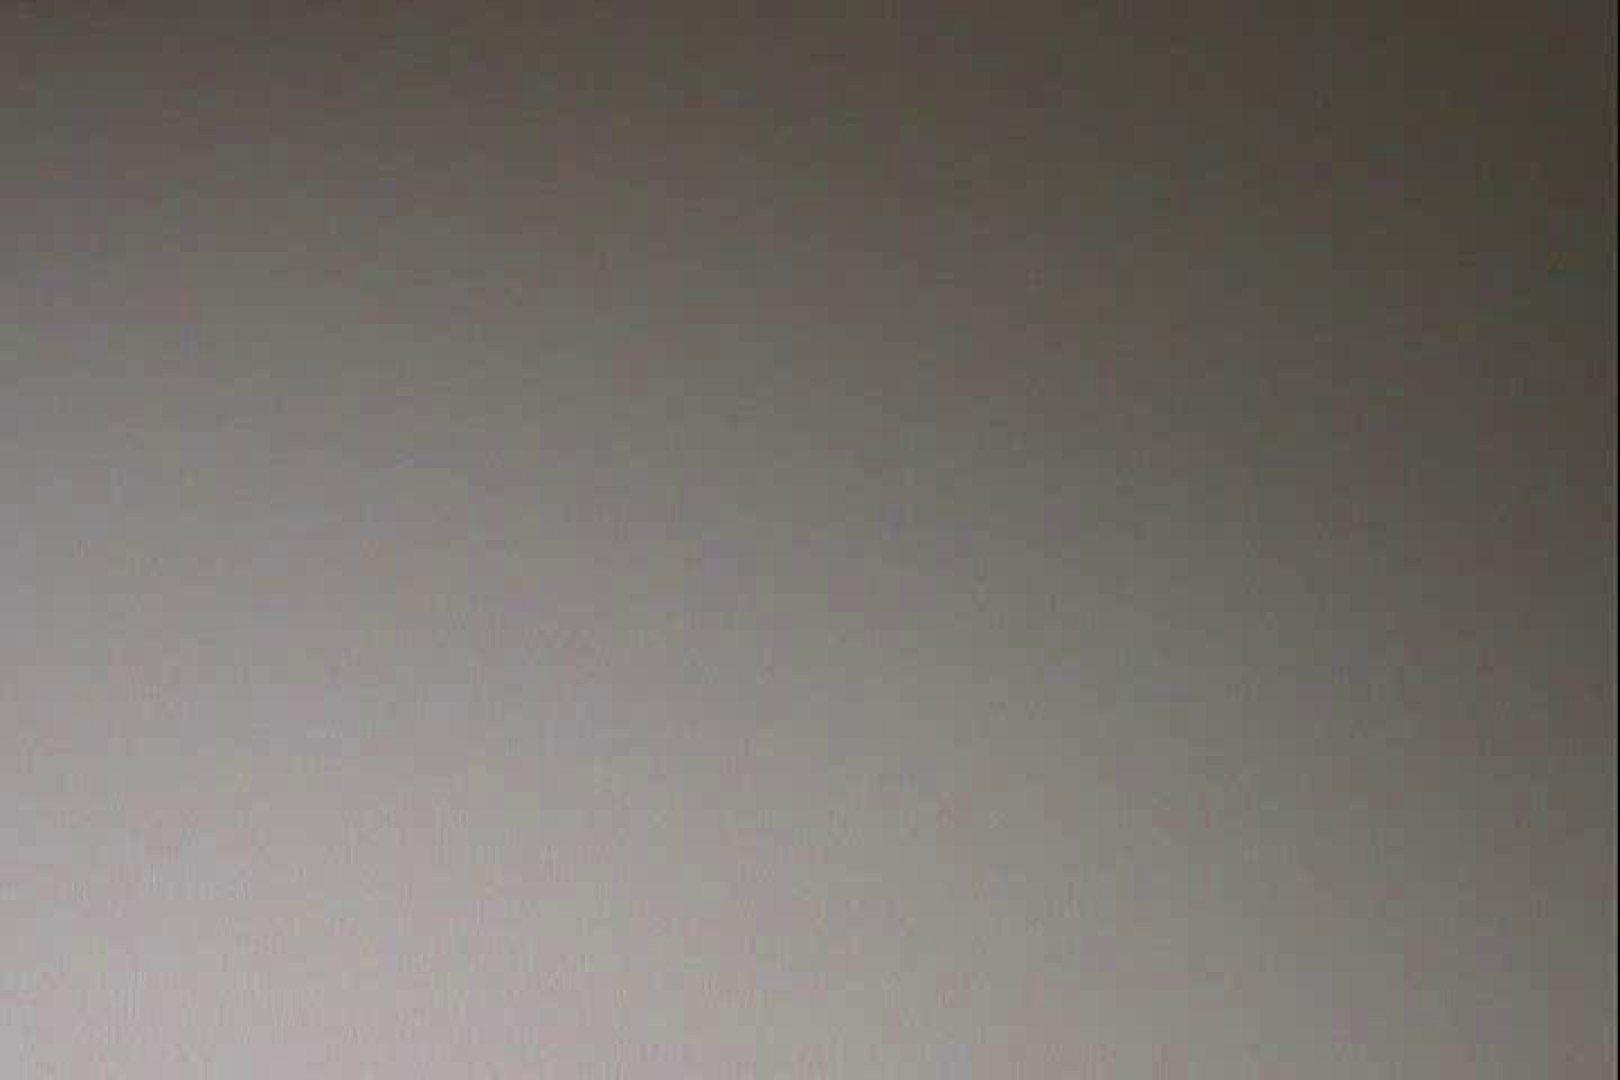 激撮!! 接写天井裏の刺客Vol.4 覗き アダルト動画キャプチャ 79画像 28